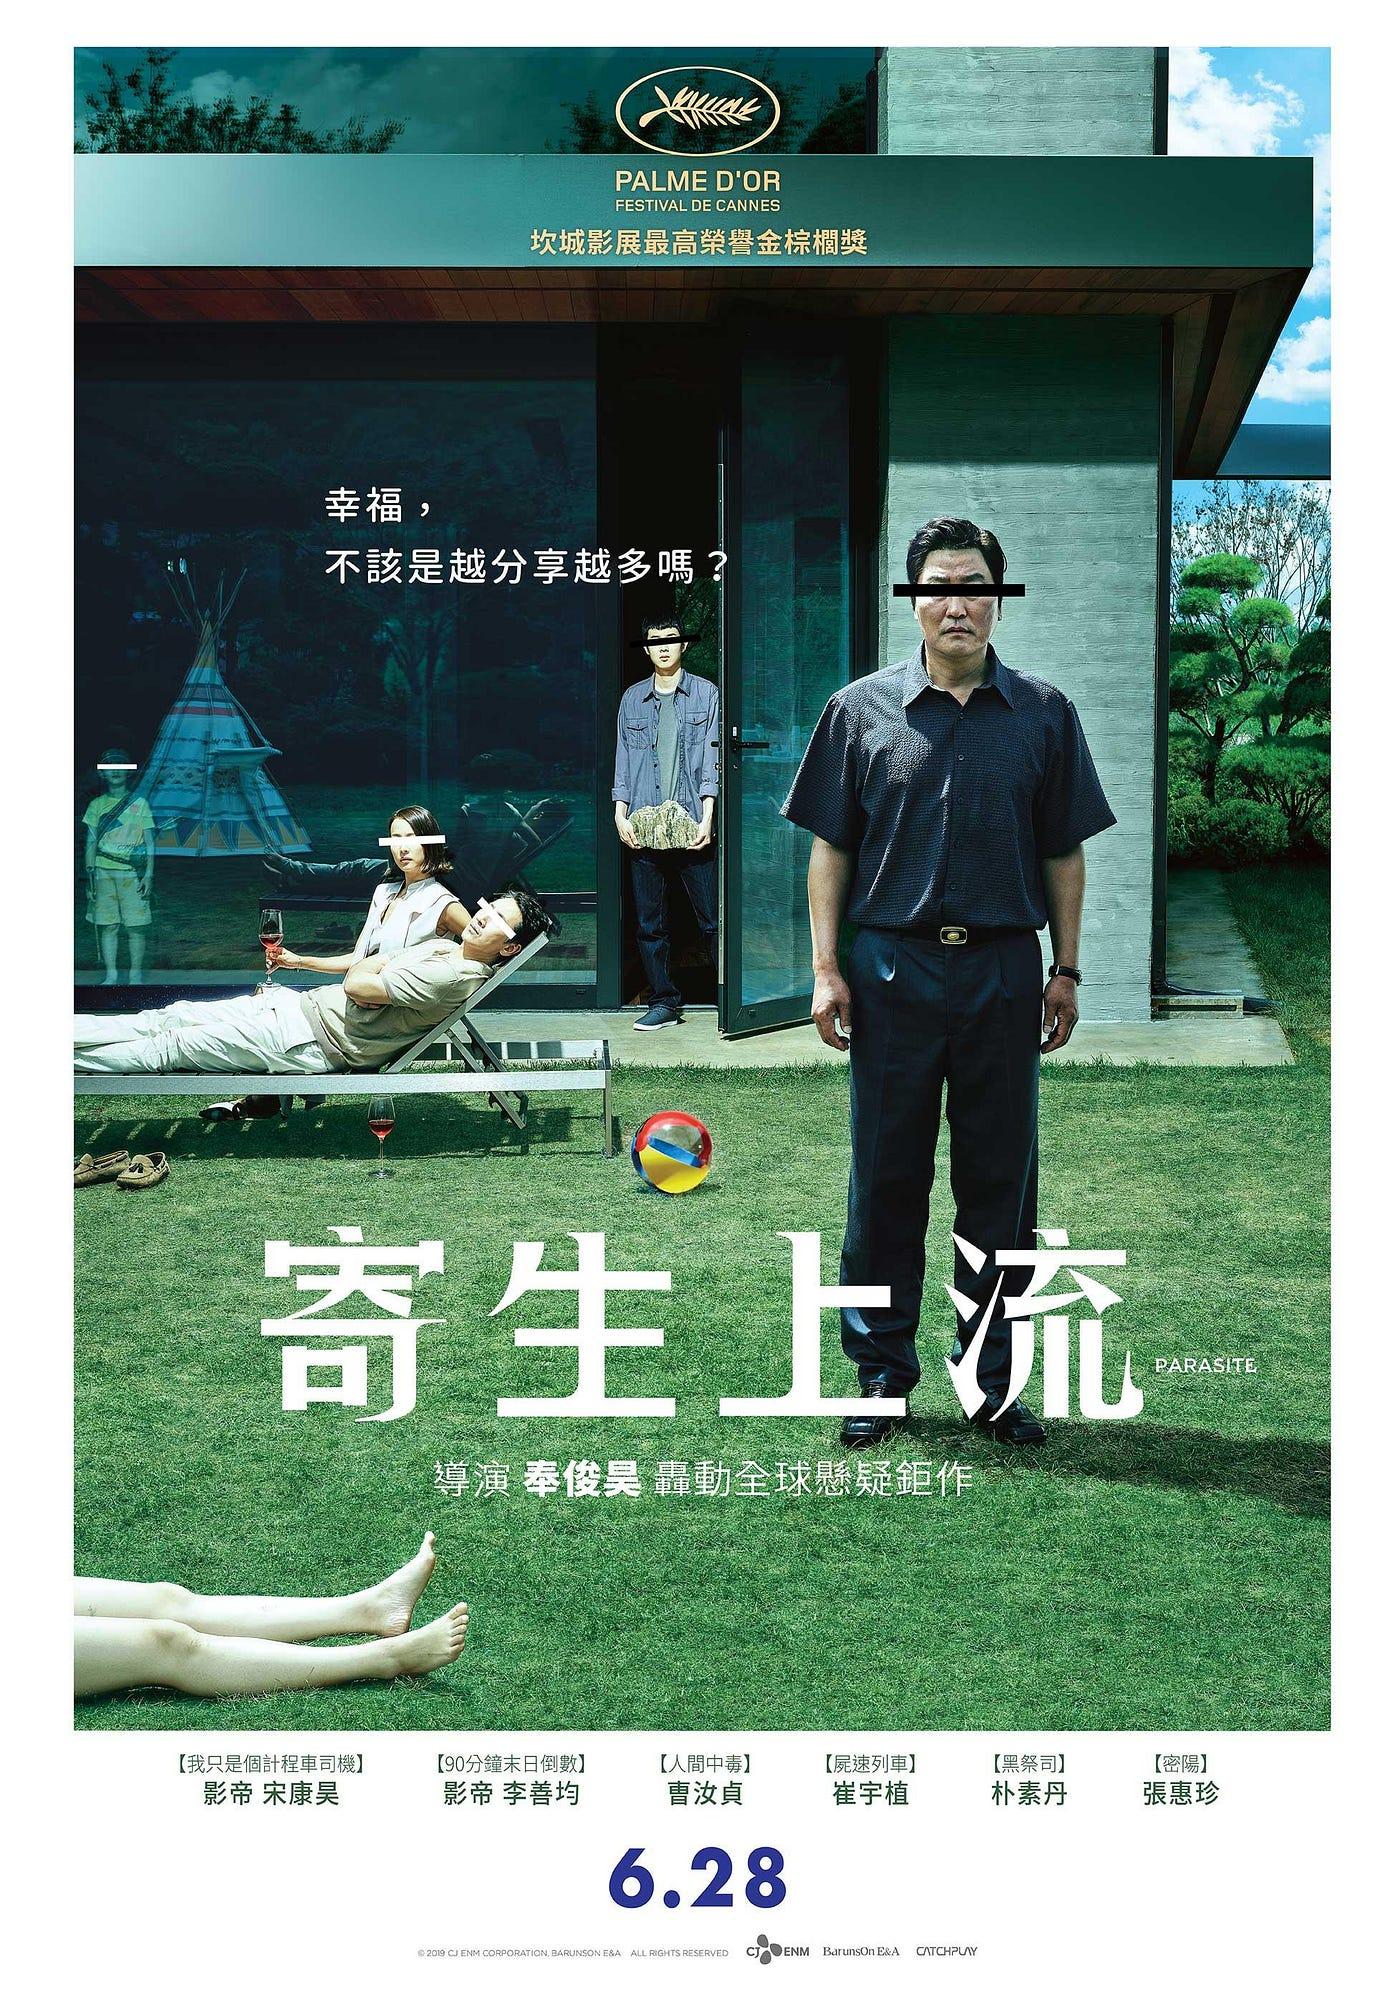 寄生上流Parasite線上看(2019)完整版【HD.1080P】 [2019-HD]CHINESE寄生上流 2019 ~完整版本-高清電影-在線觀看 @tmovies